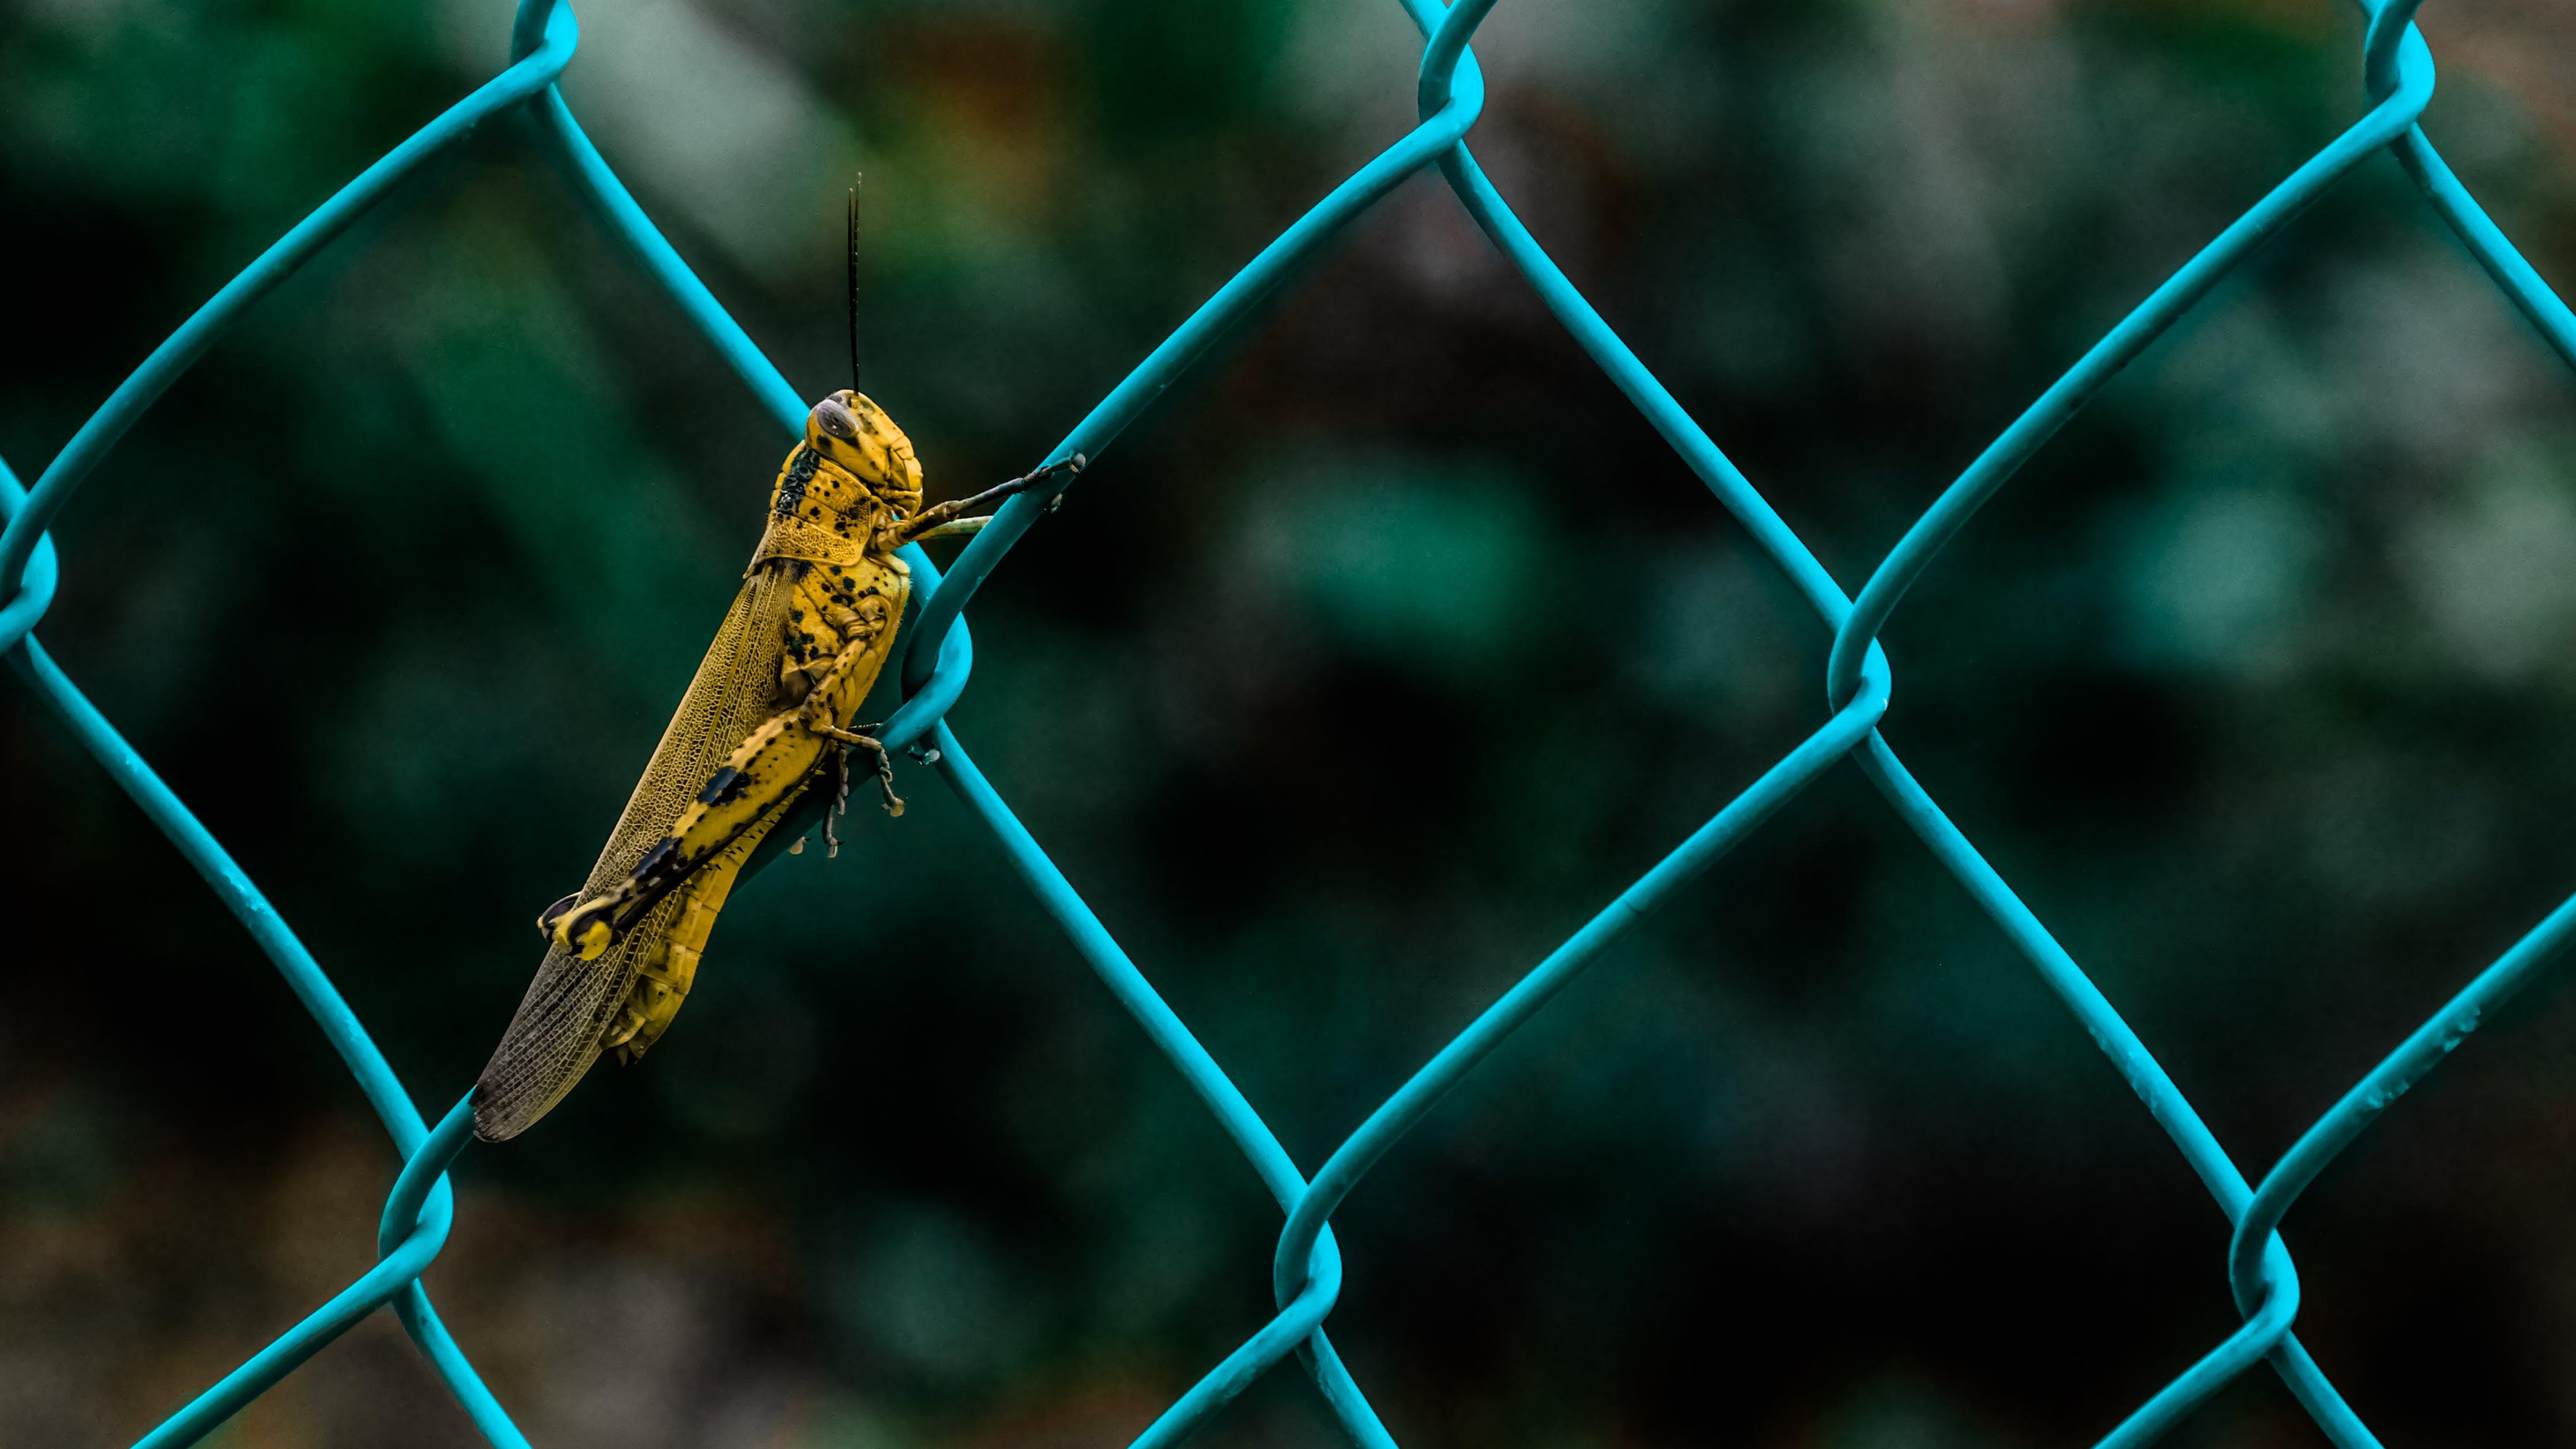 คลังภาพถ่ายฟรี ของ กั้นรั้ว, จิ้งหรีด, สร้อยโซ่, แมลง